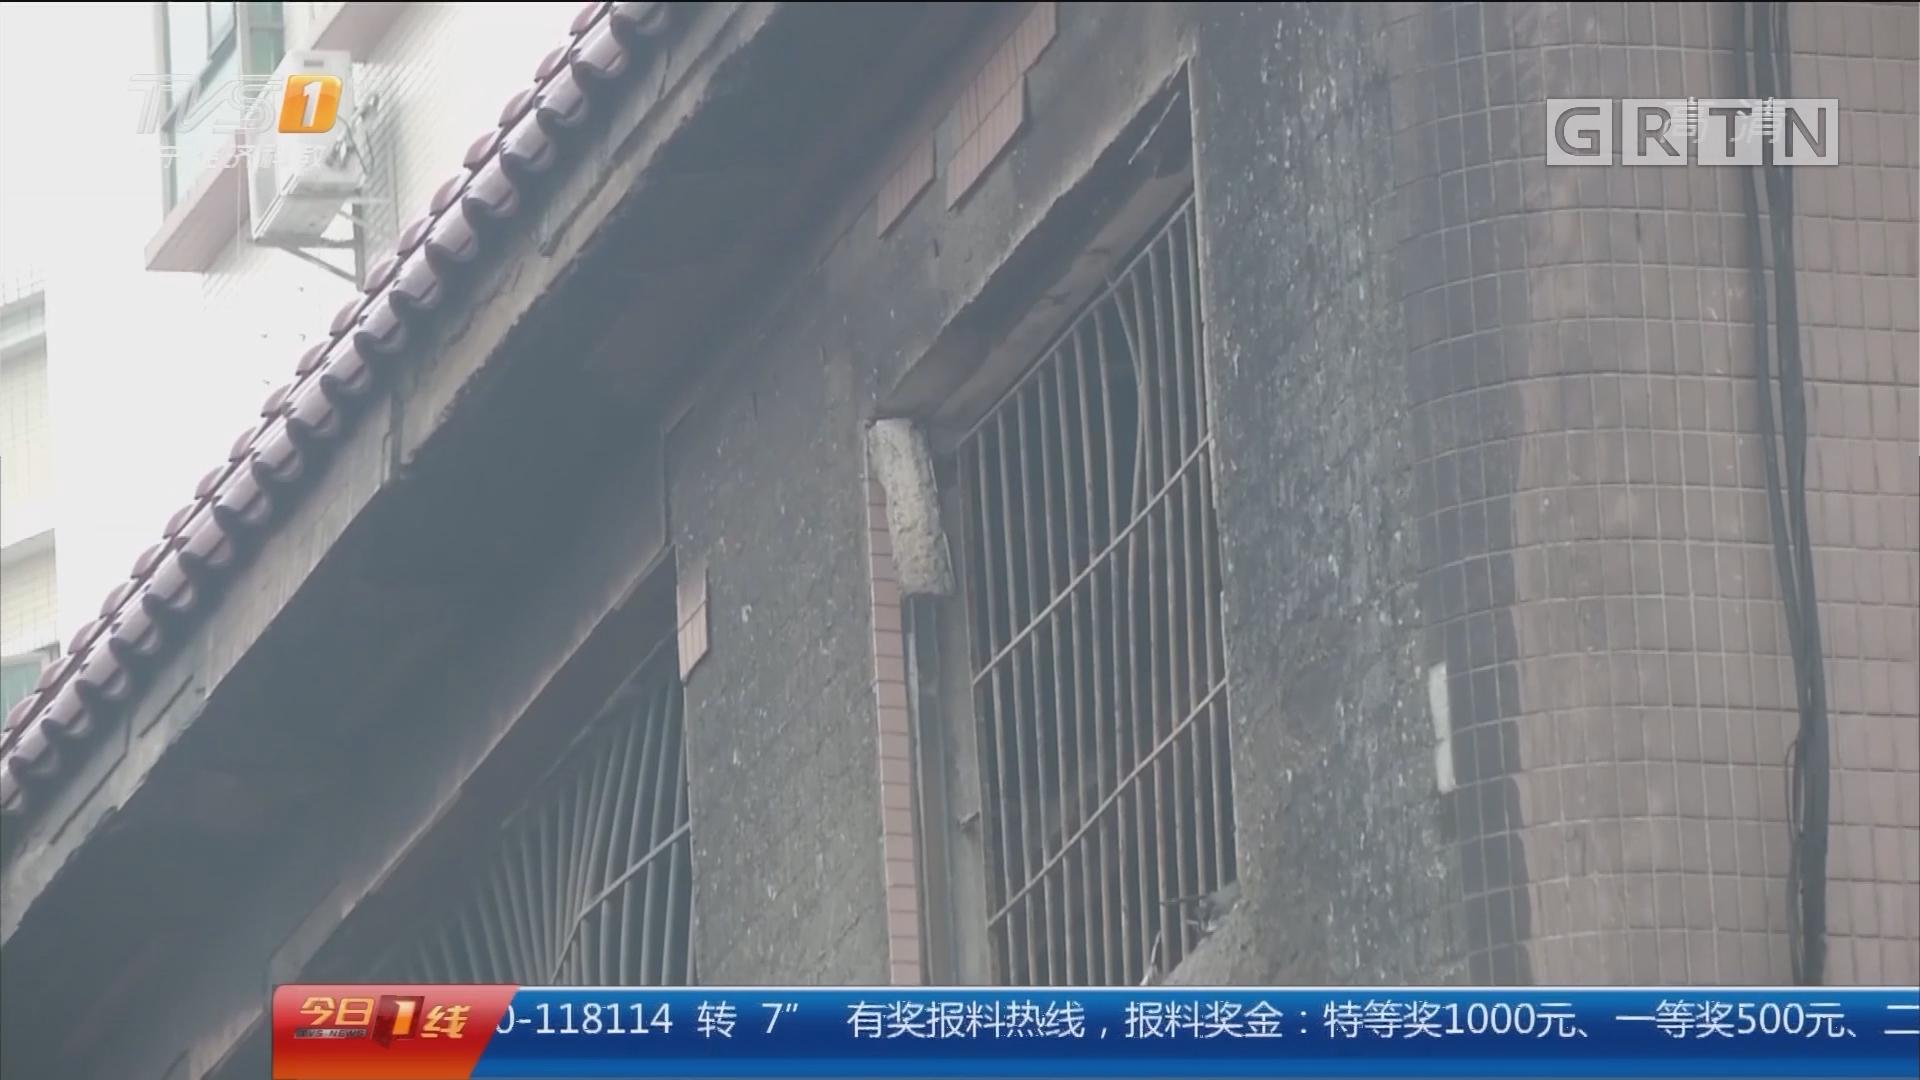 深圳宝安:民房大火 消防营救楼顶被困人员